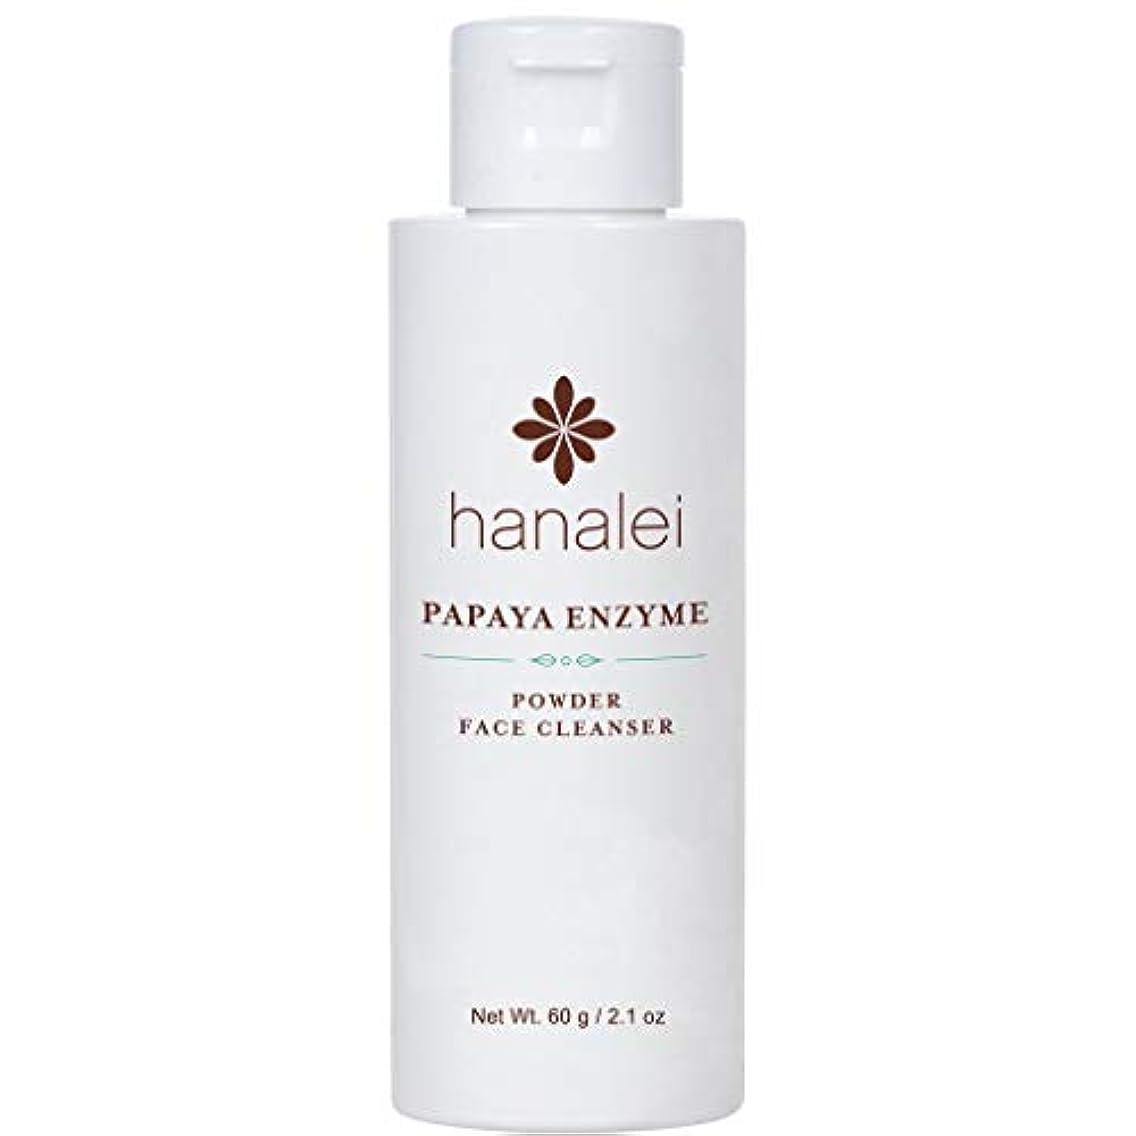 追うブラウズはいHanalei (ハナレイ)パパイヤ酵素洗顔料 (Papaya Enzyme Powder Facial Cleanser) (60g)